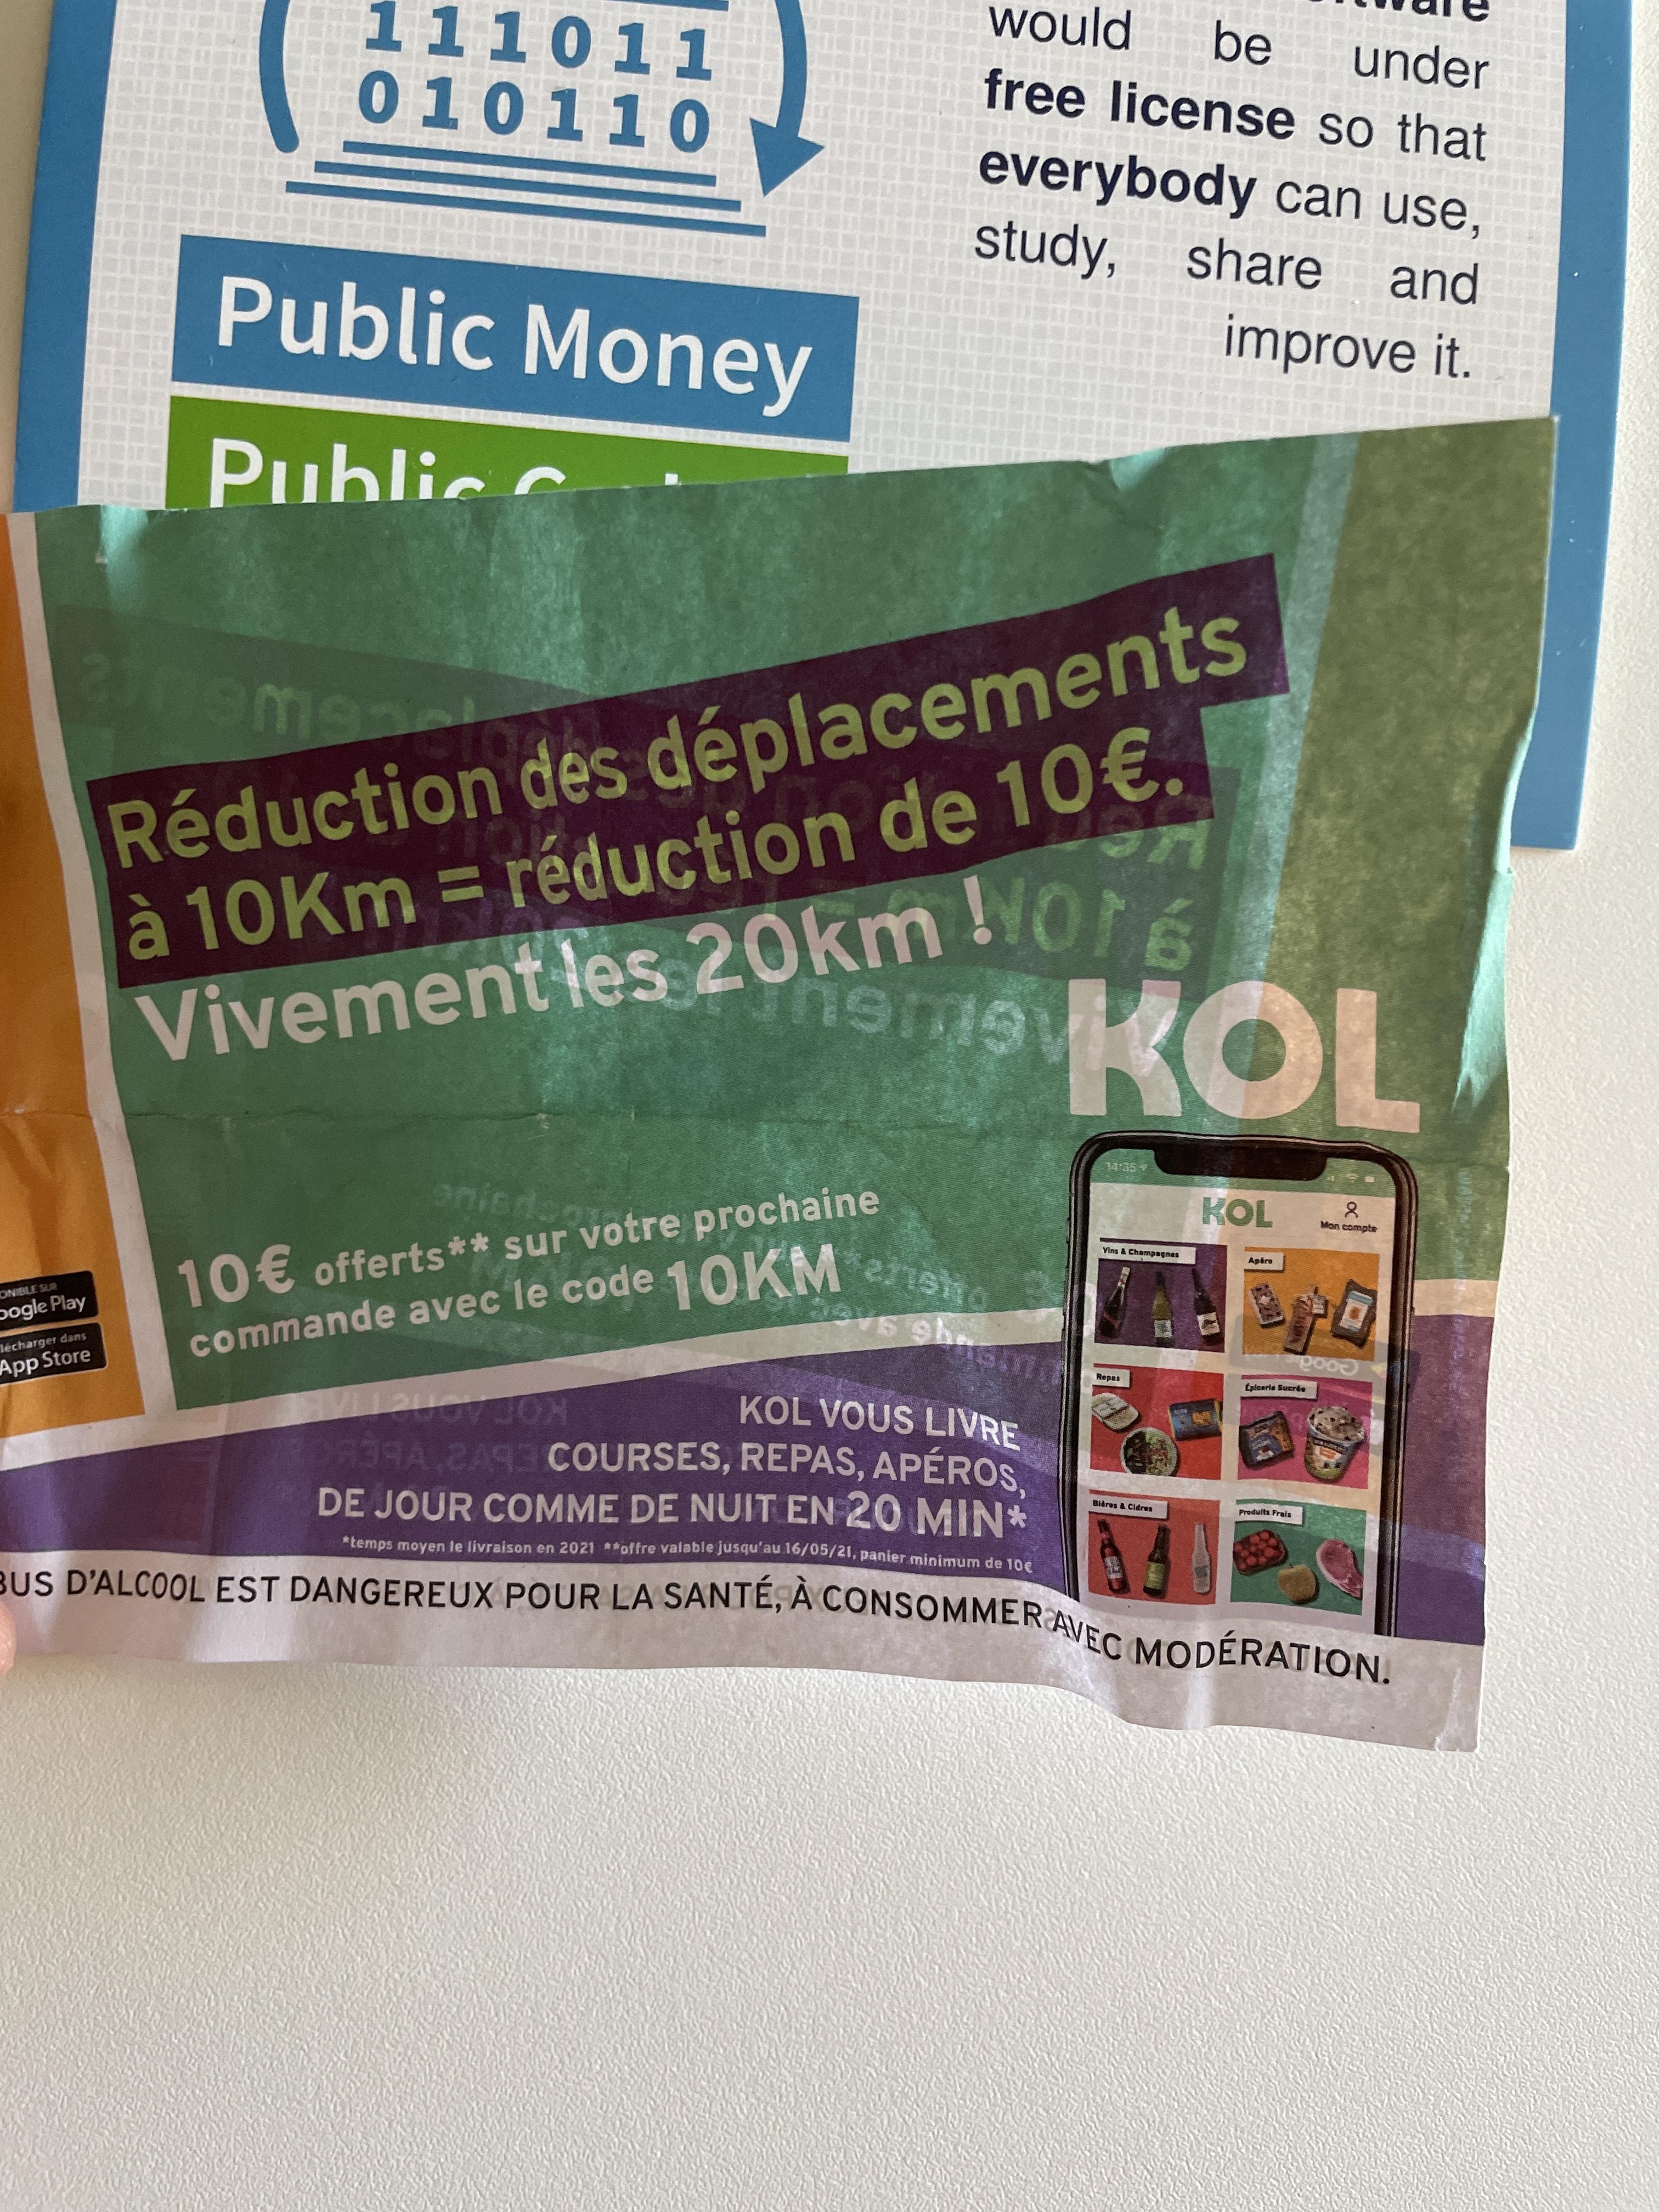 10€ de réduction sur l'application KOL dès 10€ d'achat